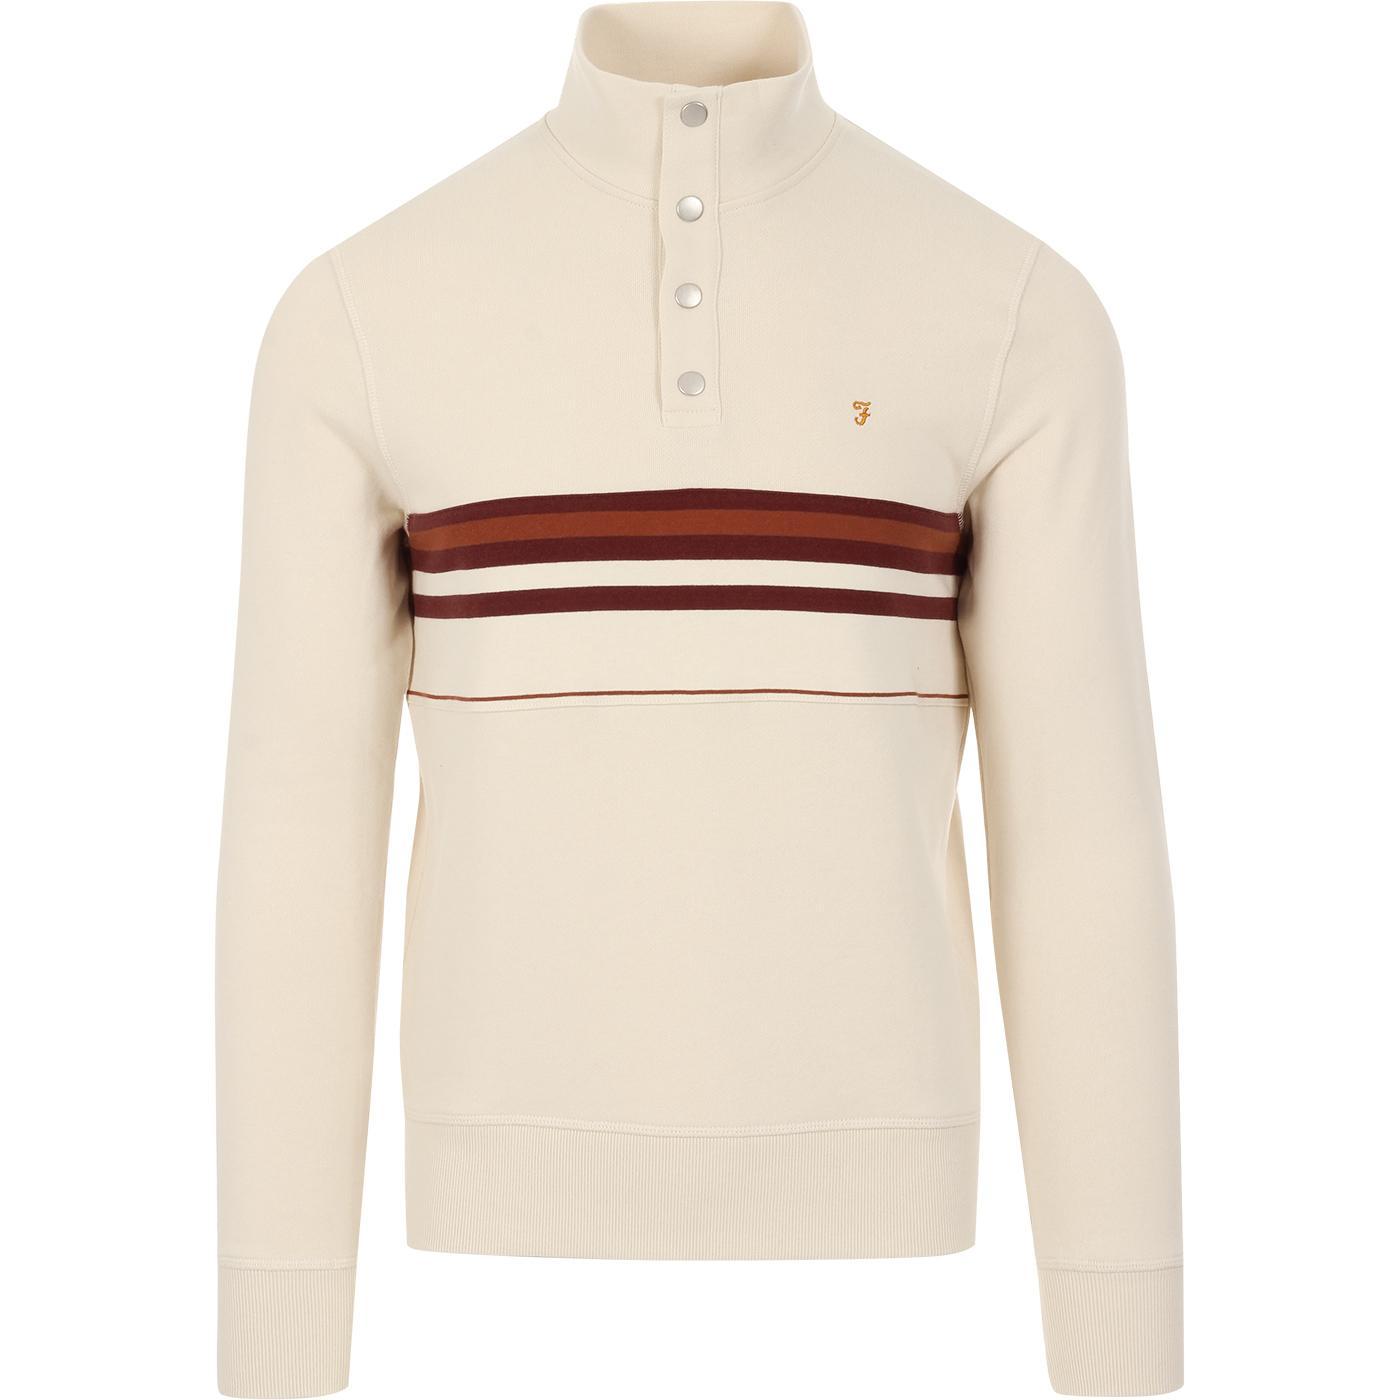 Segundo FARAH 100 Retro Stripe Sweatshirt (Cream)